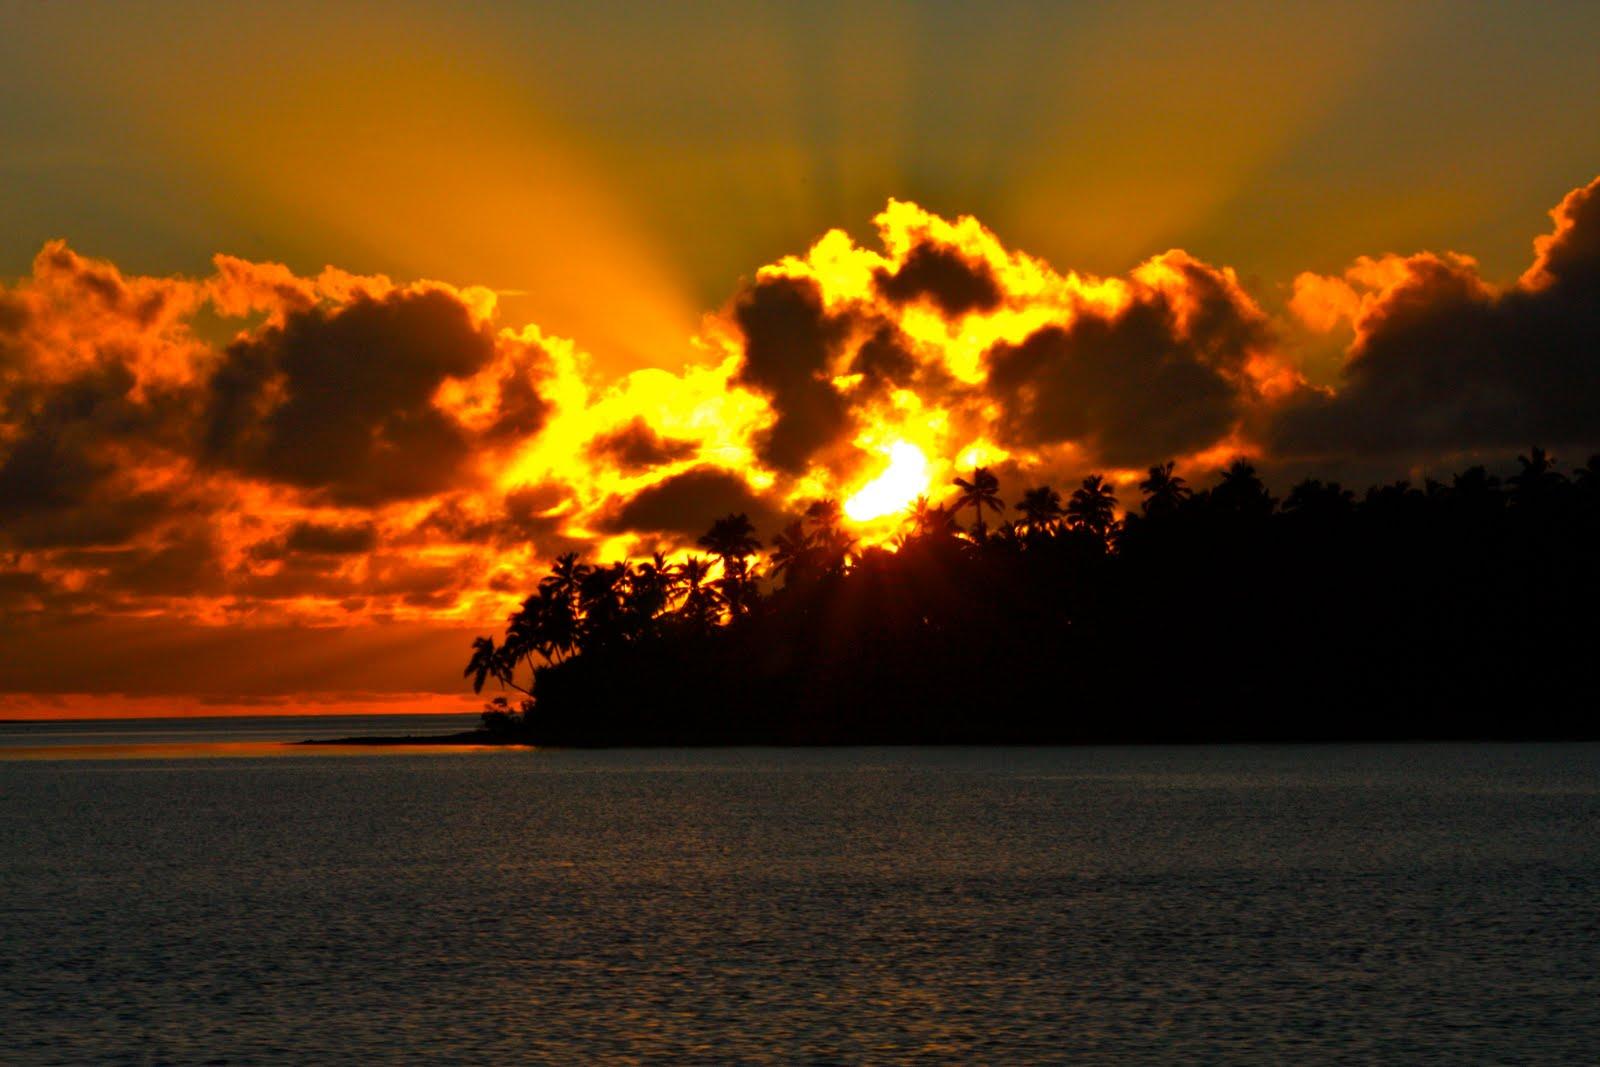 Tonga Islands in South Pacific Ocean